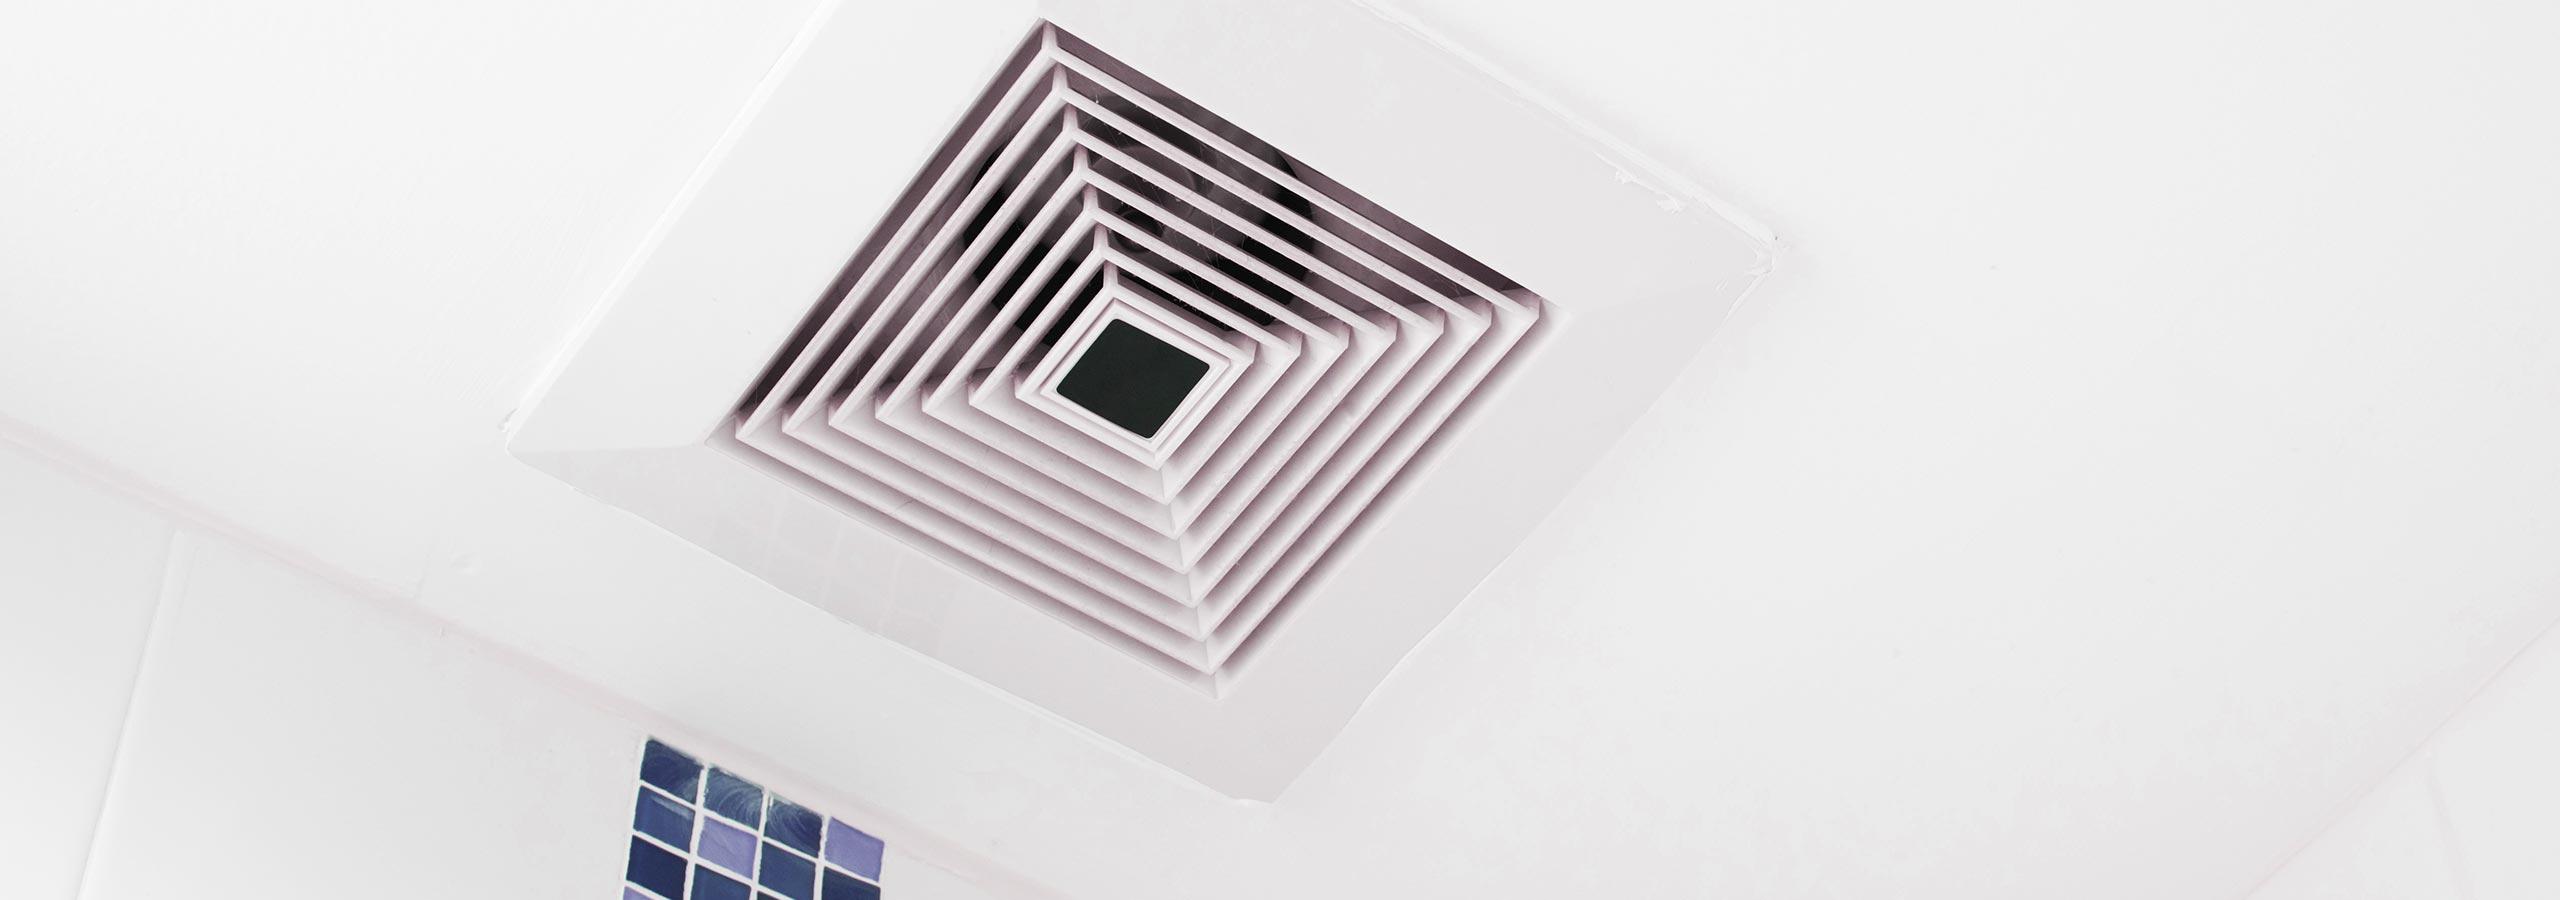 Installateur uit Utrecht voor mechanische ventilatie